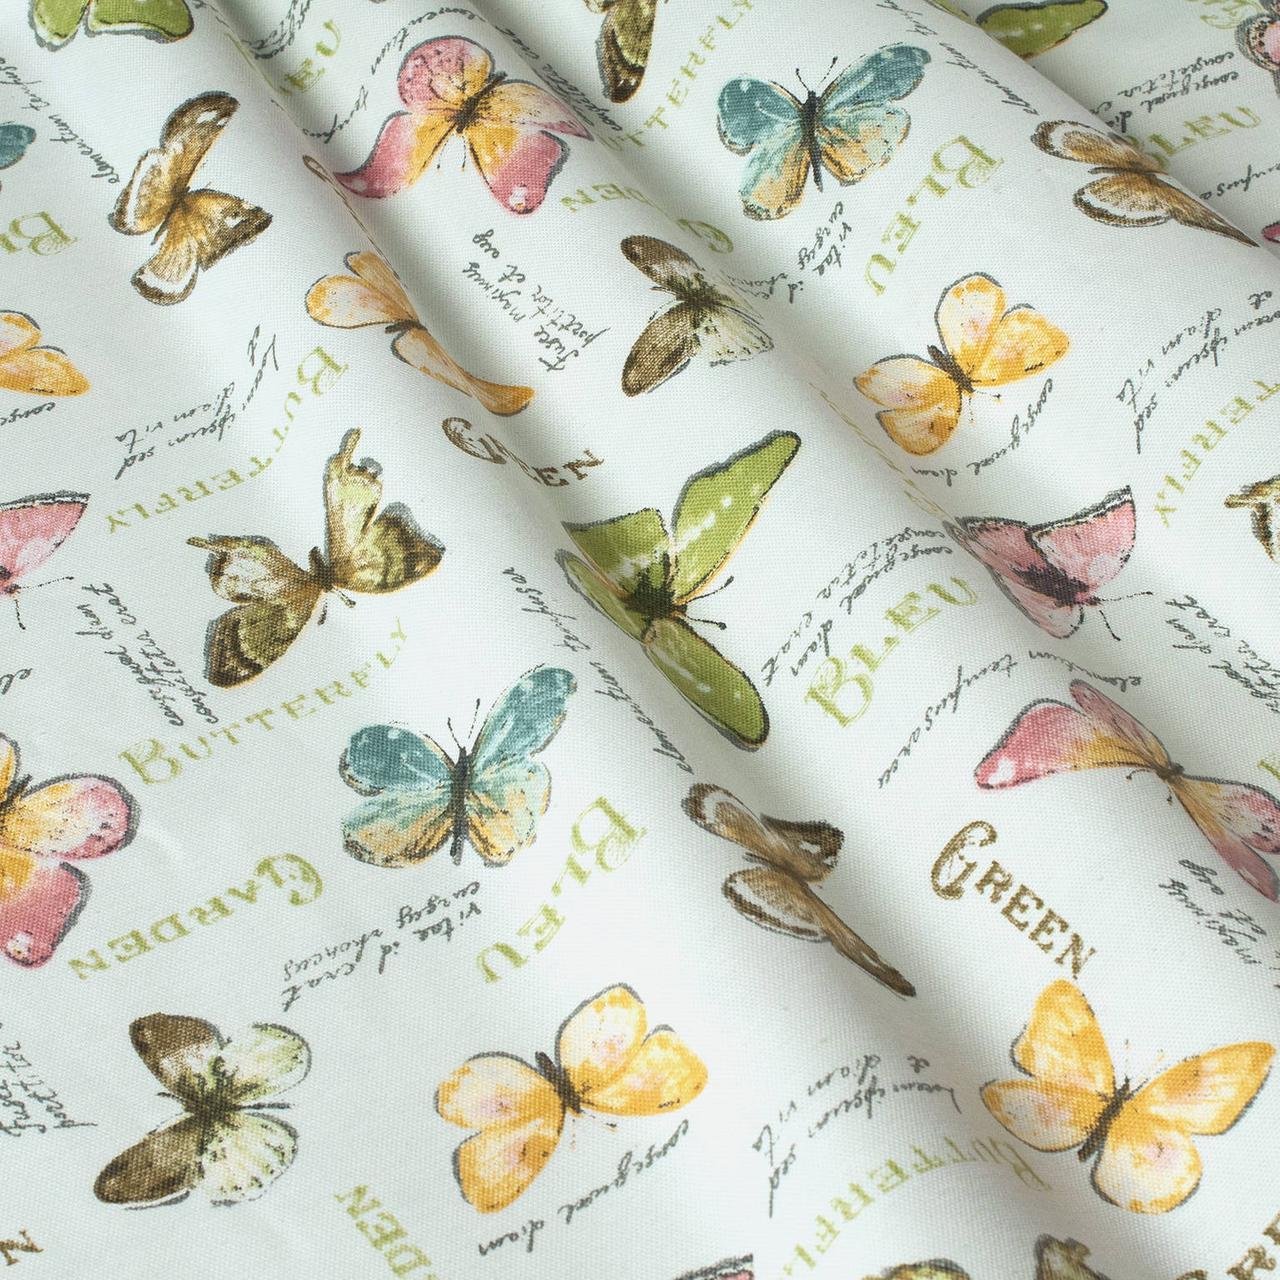 Декоративная ткань бабочки цветные пастель Турция 87982v16